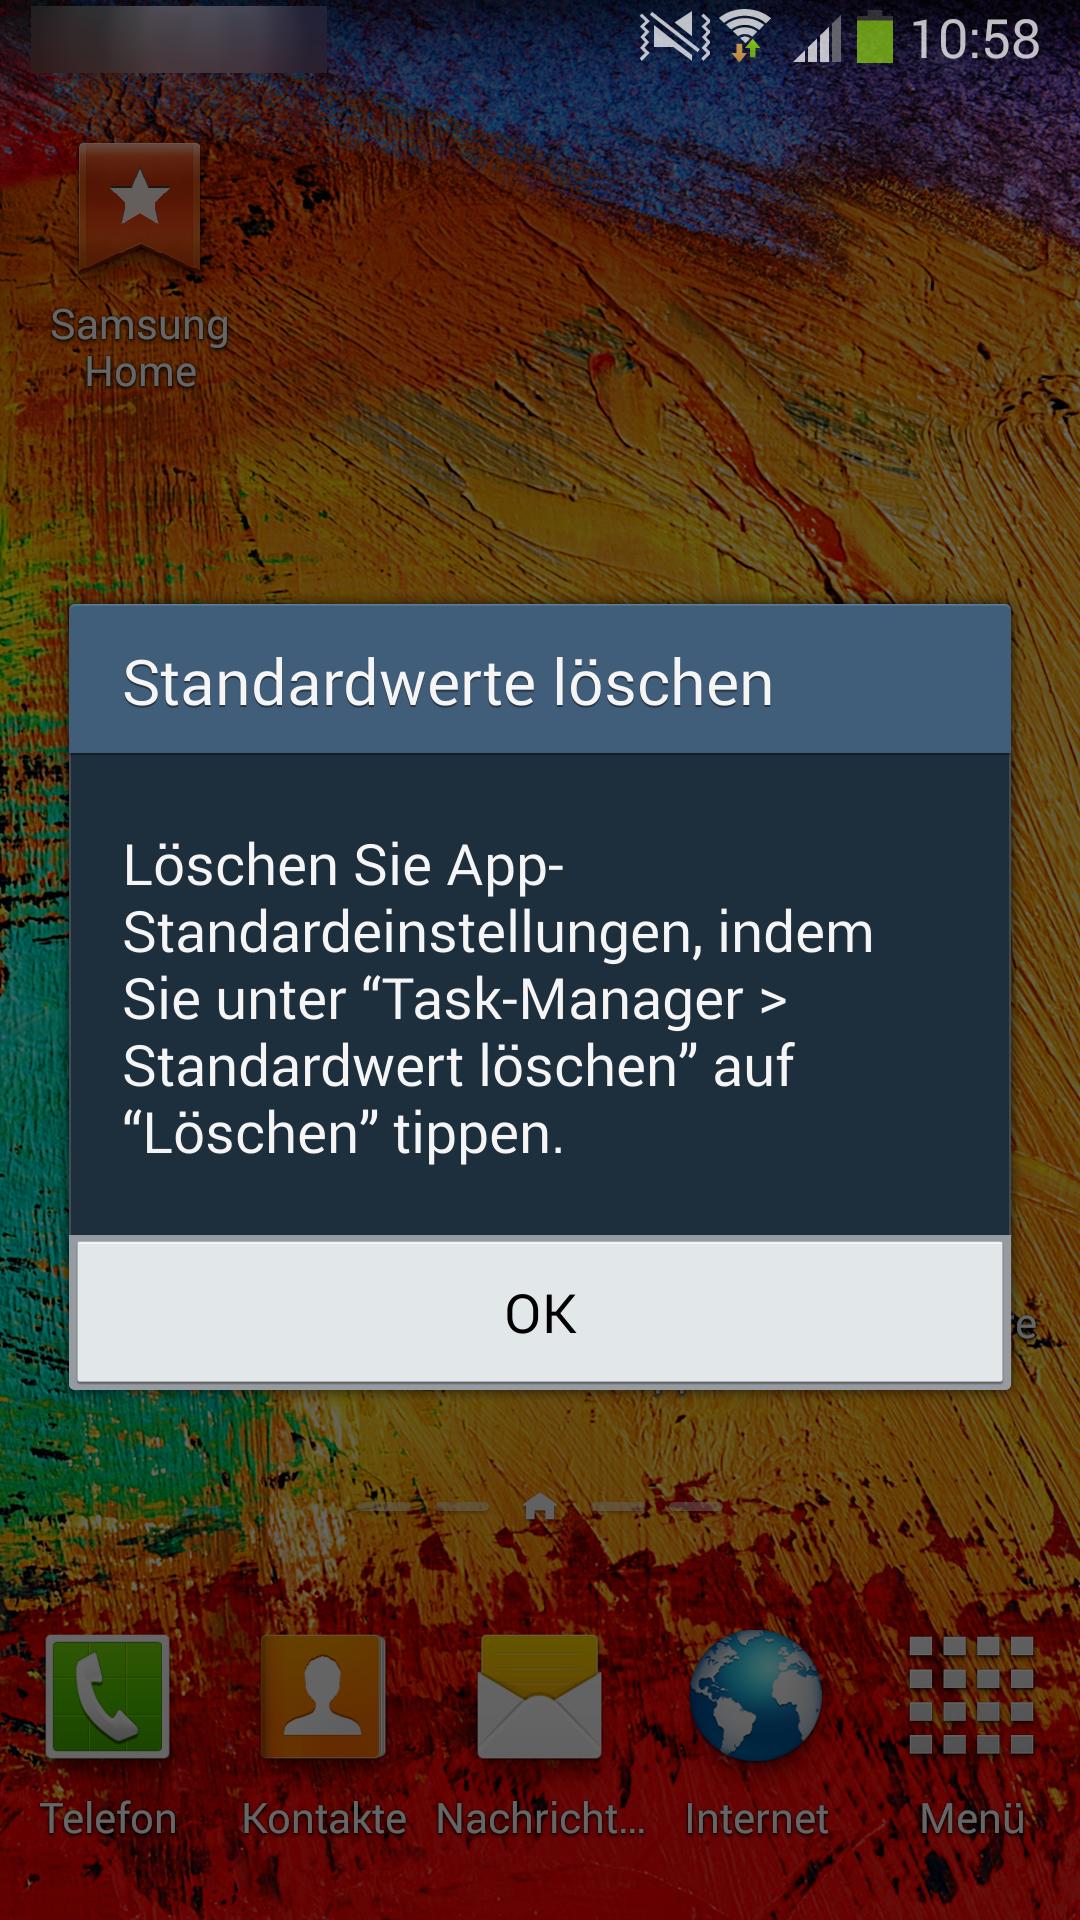 """Samsung Smartphone, """"Vorgang abschließen mit"""" - Anwendungsauswahl, Standardwerte löschen"""